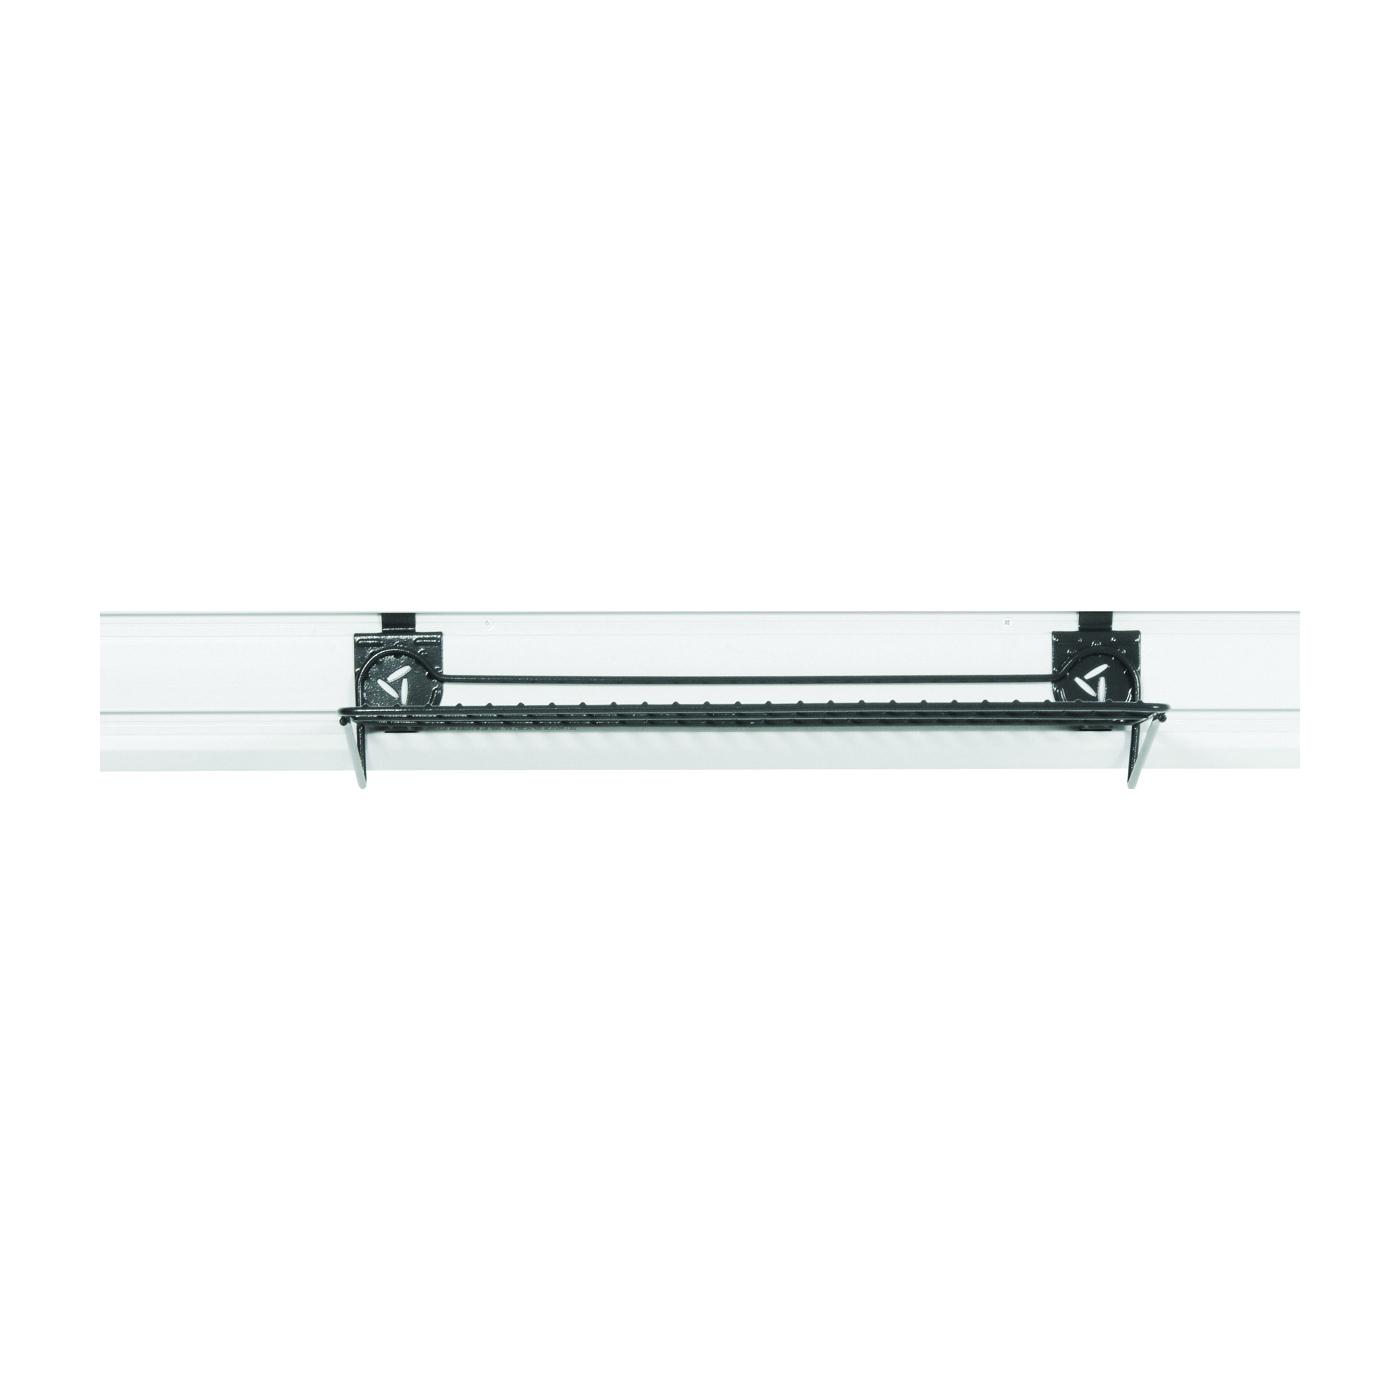 Picture of GLADIATOR GAWU24WSBH Wire Shelf, 35 lb Capacity, Steel Shelving, 24 in OAW, 4-1/2 in OAH, 12-1/2 in OAD